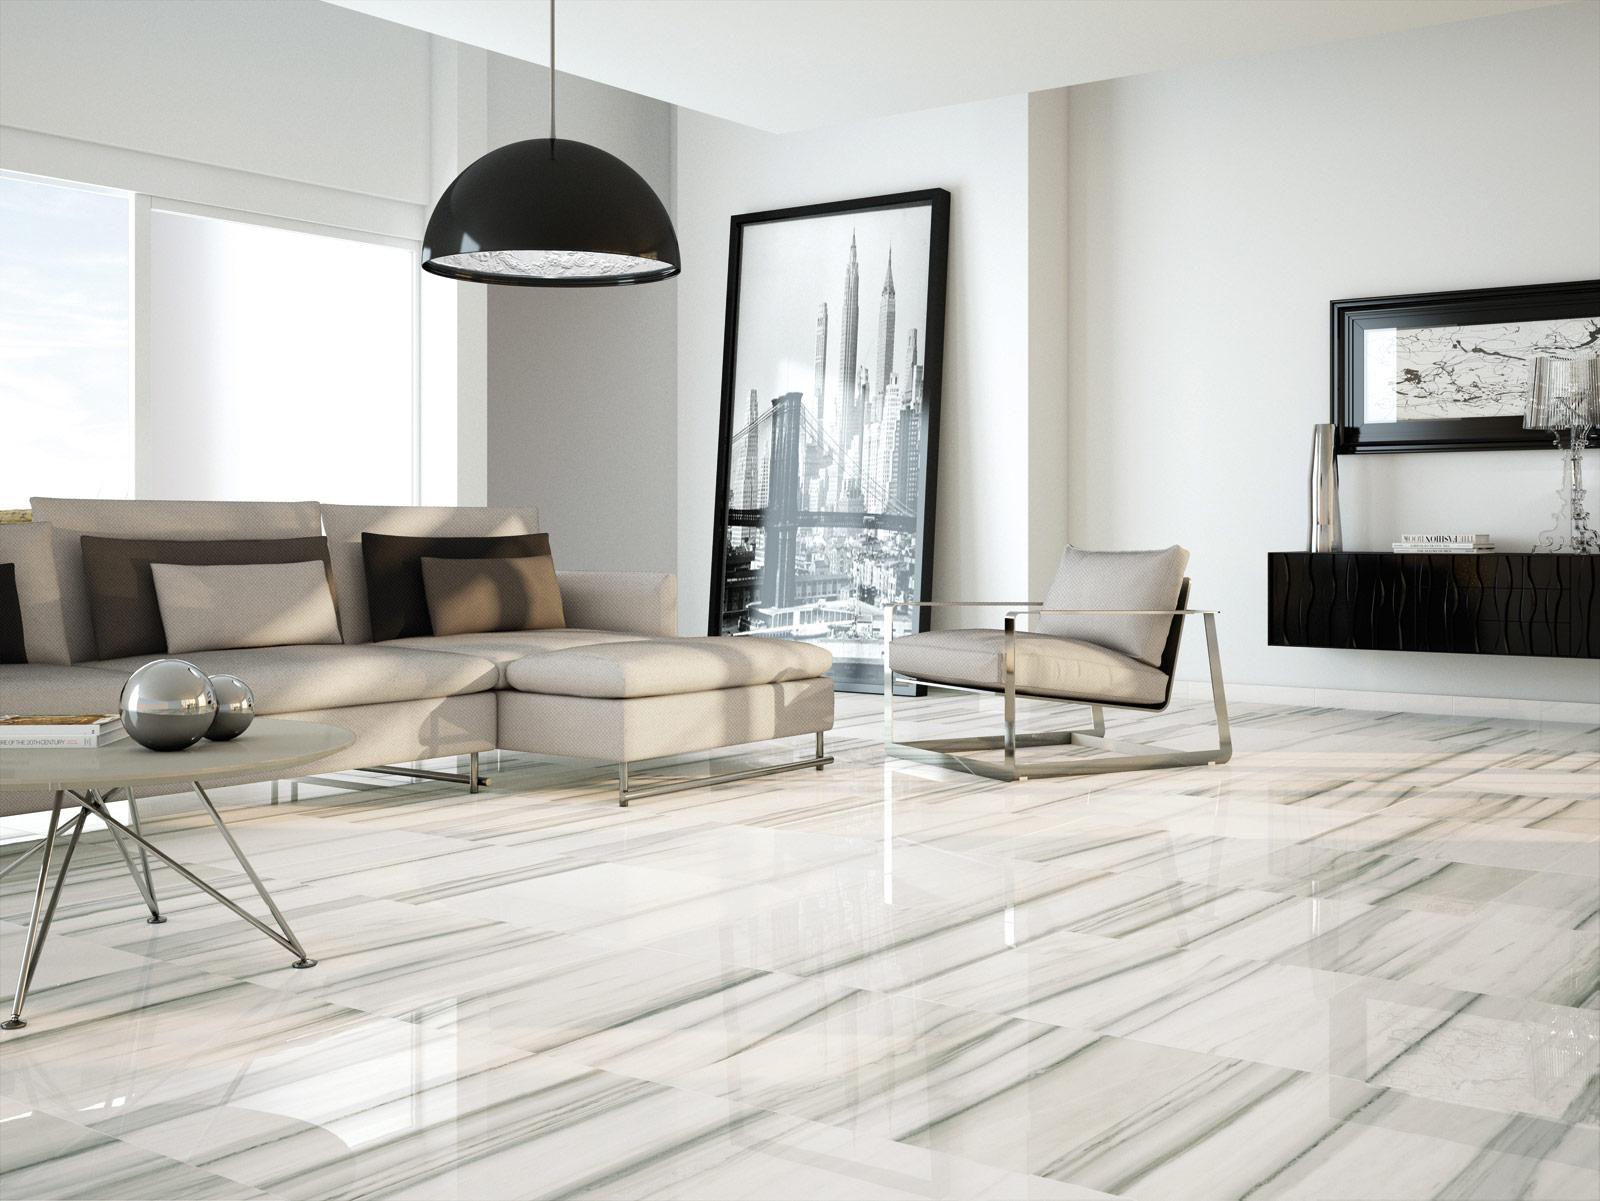 Idee deco chambre bord de mer for Salon blanc et beige design